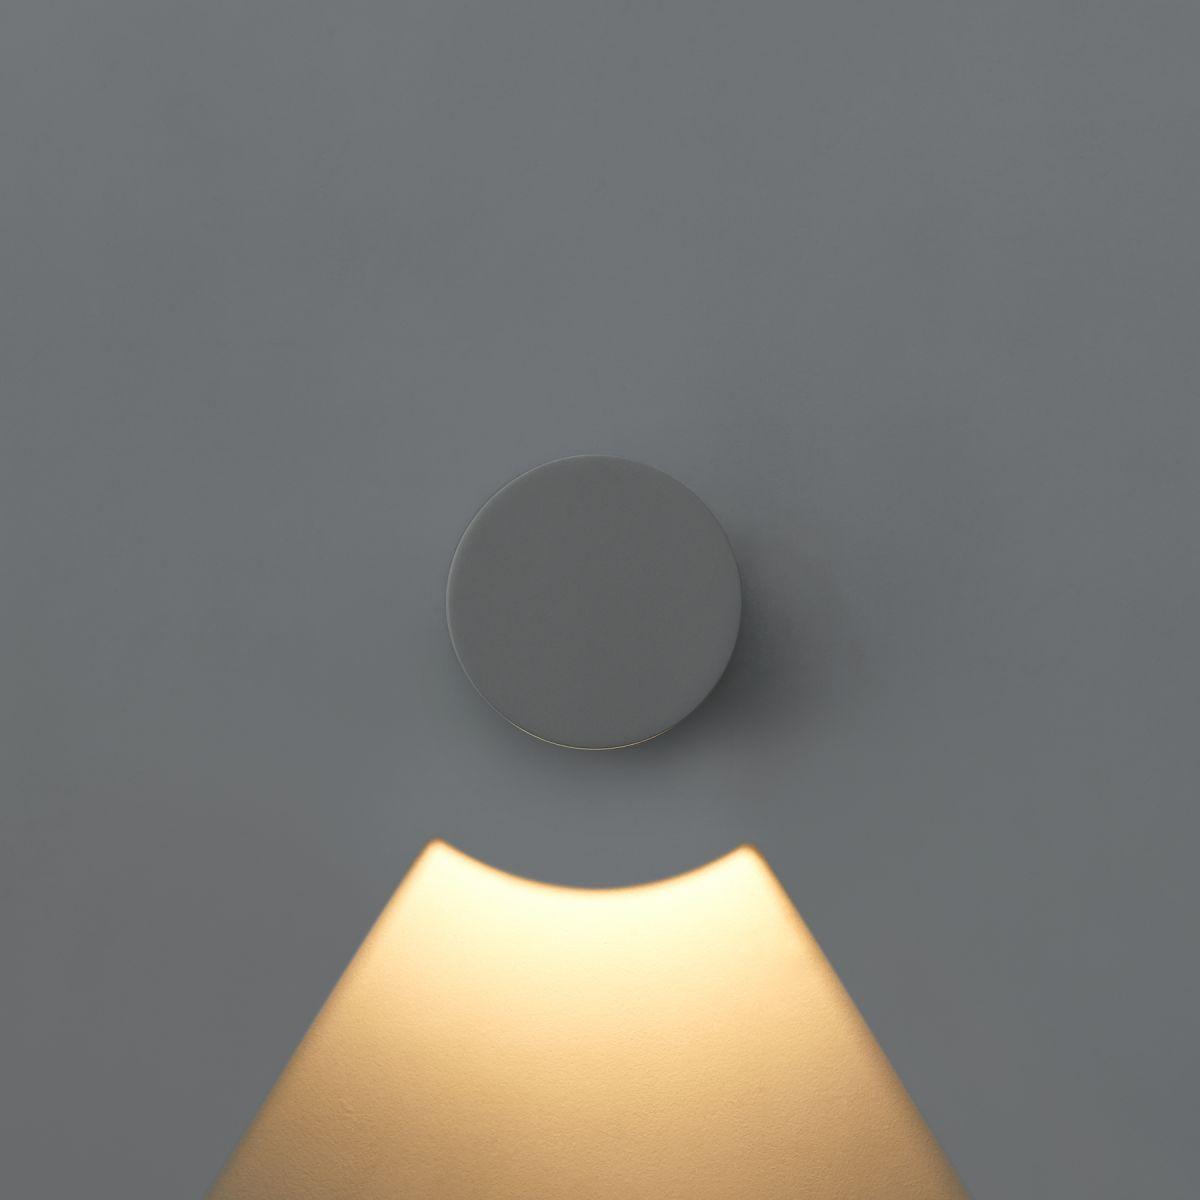 Mini DADOS Round 1 Wall Down Light